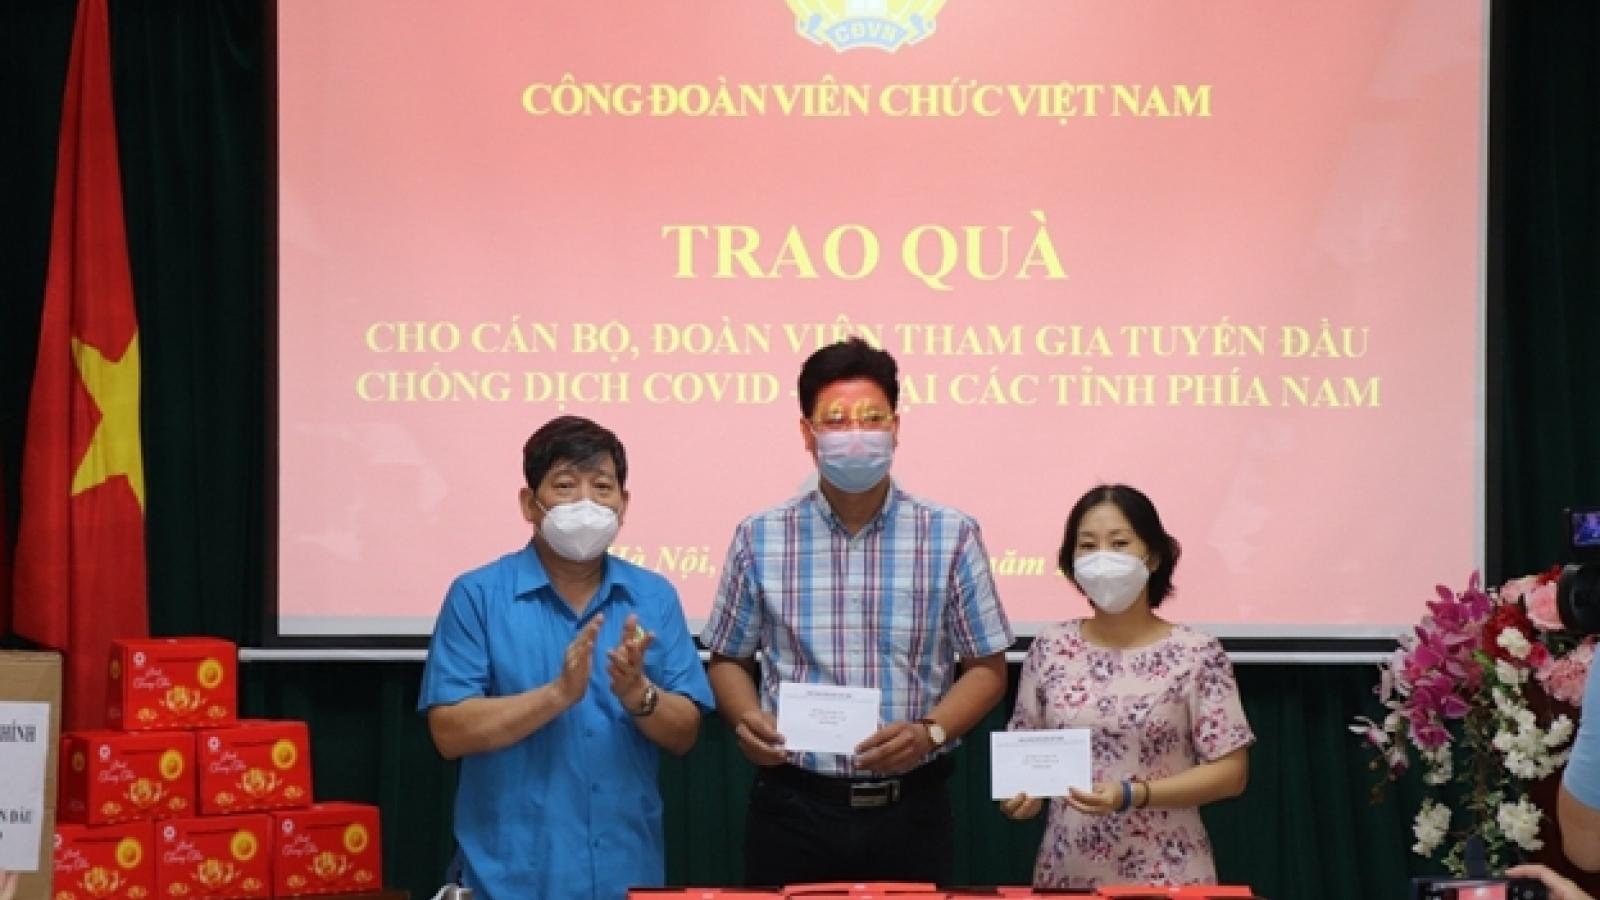 Công đoàn Viên chức Việt Nam trao quà cho lực lượng tham gia tuyến đầu chống dịch